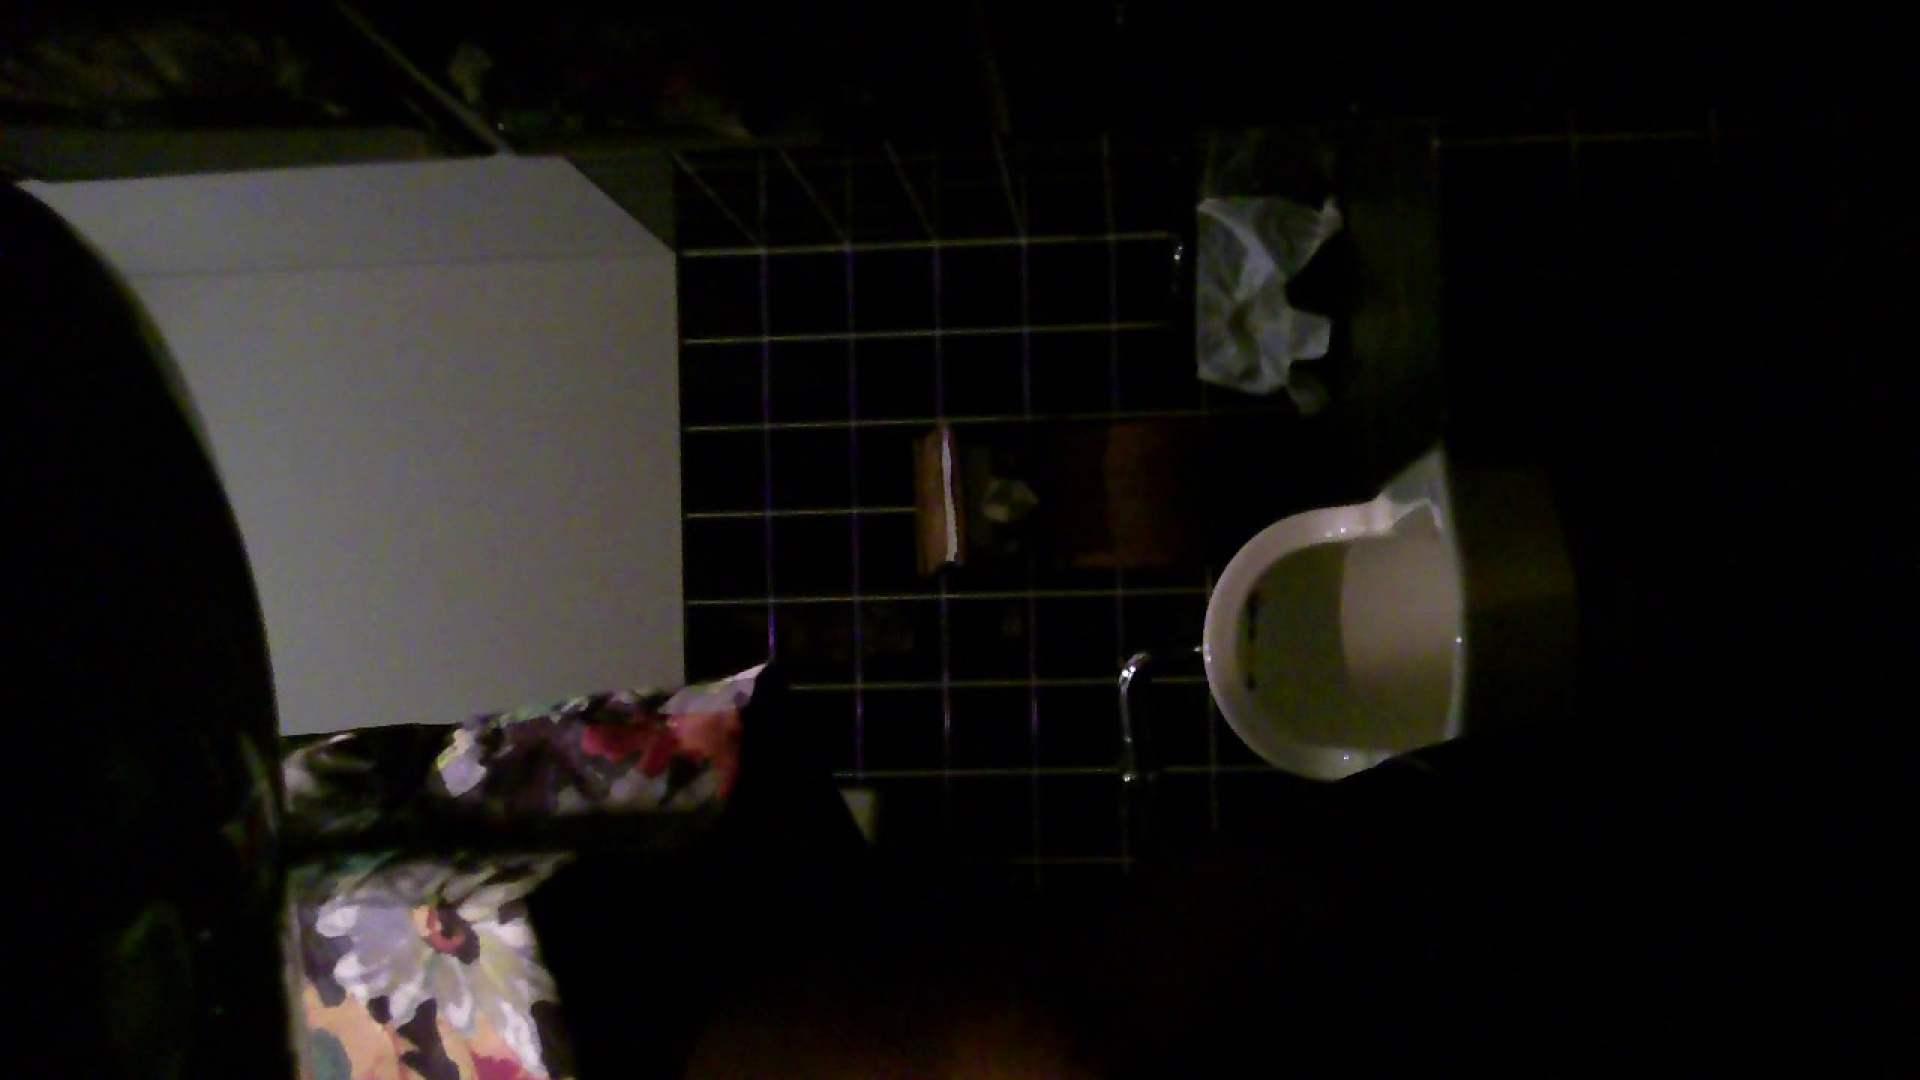 美女の集まる飲み屋洗面所 vol.04 エロティックなOL  76画像 72